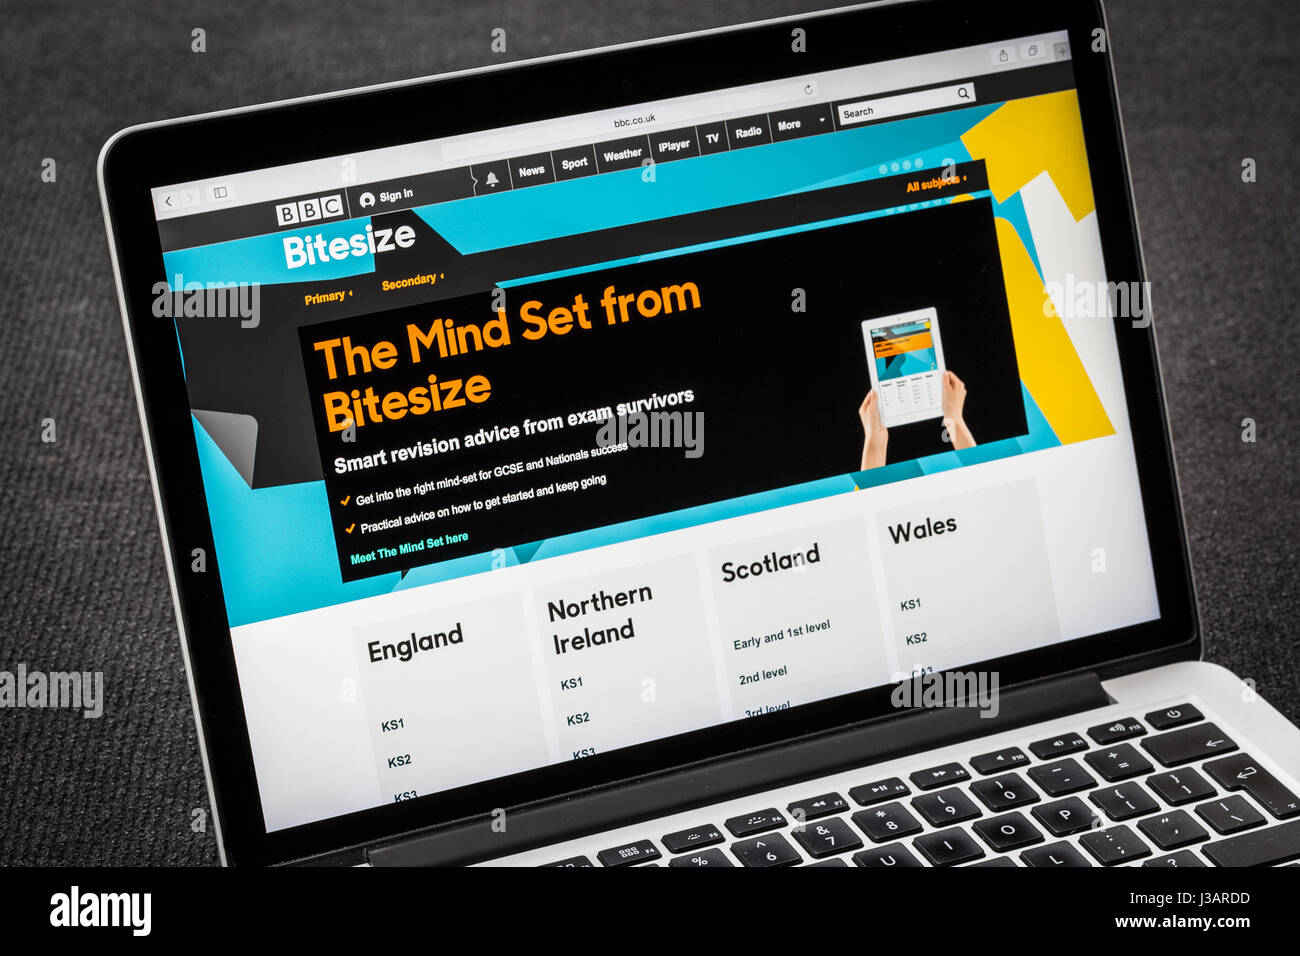 BBC Bitesize education website - Stock Image